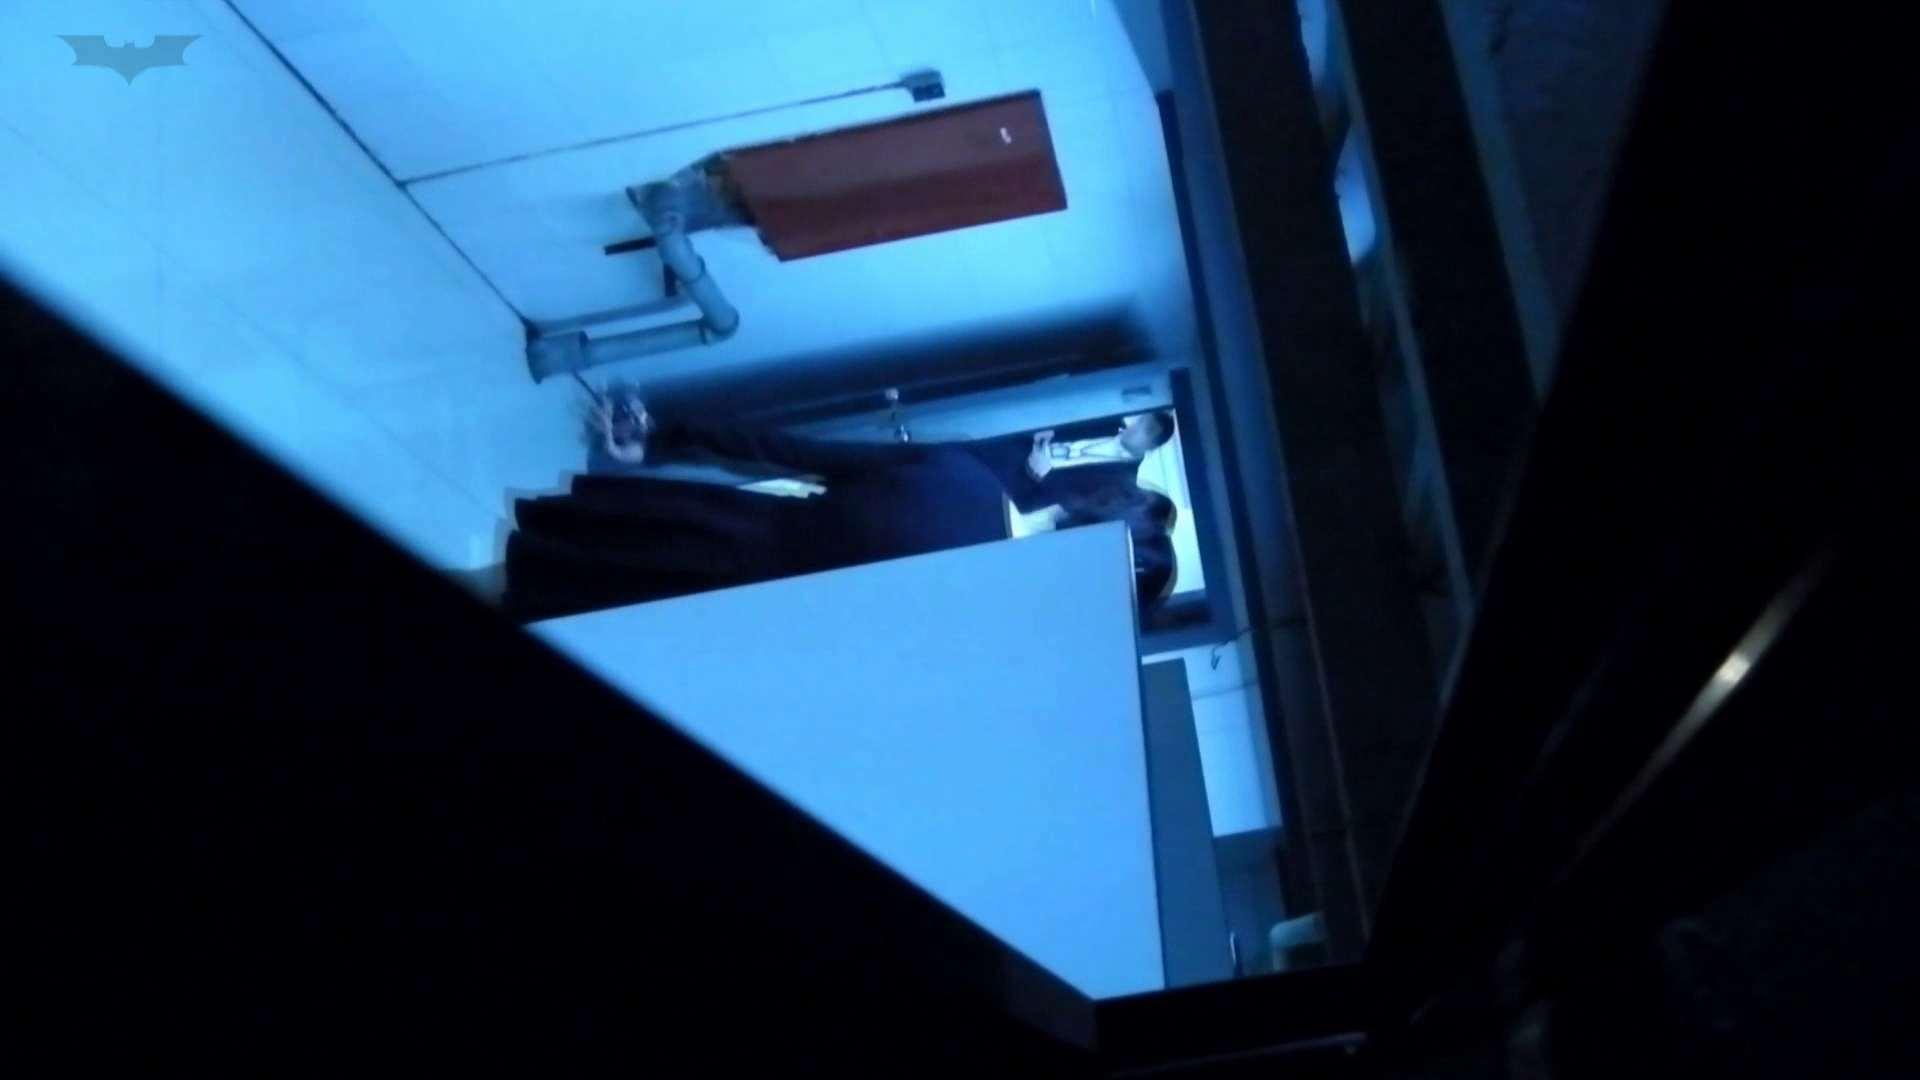 新世界の射窓 No72 モデル級なら個室から飛び出て追っかけます 高画質 SEX無修正画像 108枚 11